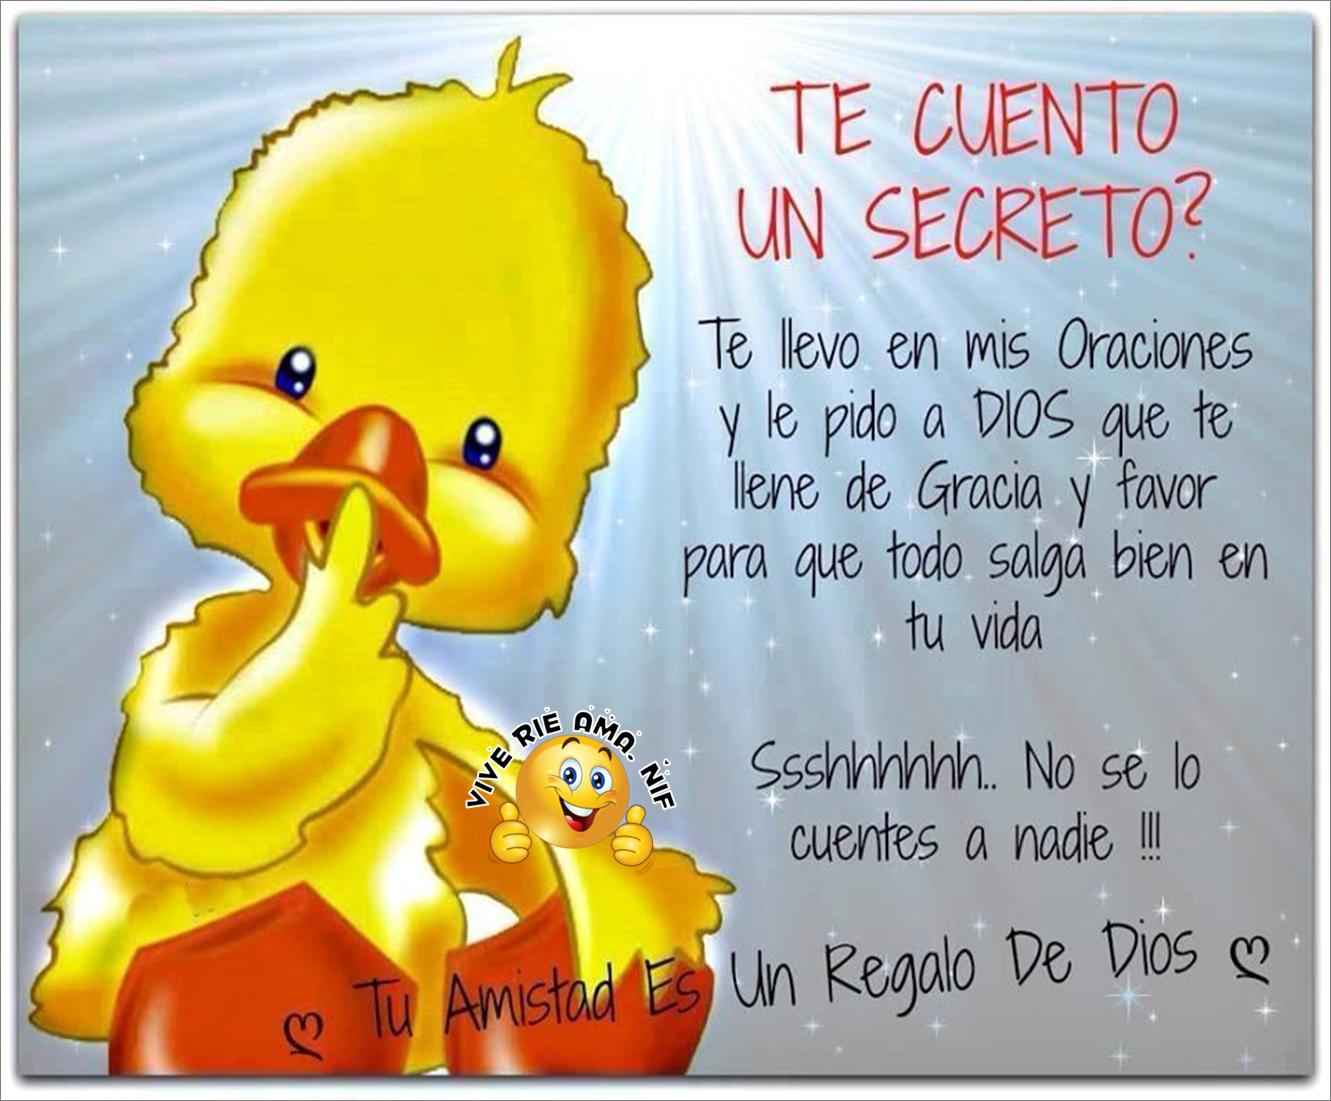 Te Cuento Un Secreto Buenos Dias Amiga Frases Frases De Amistad Oraciones Poderosas